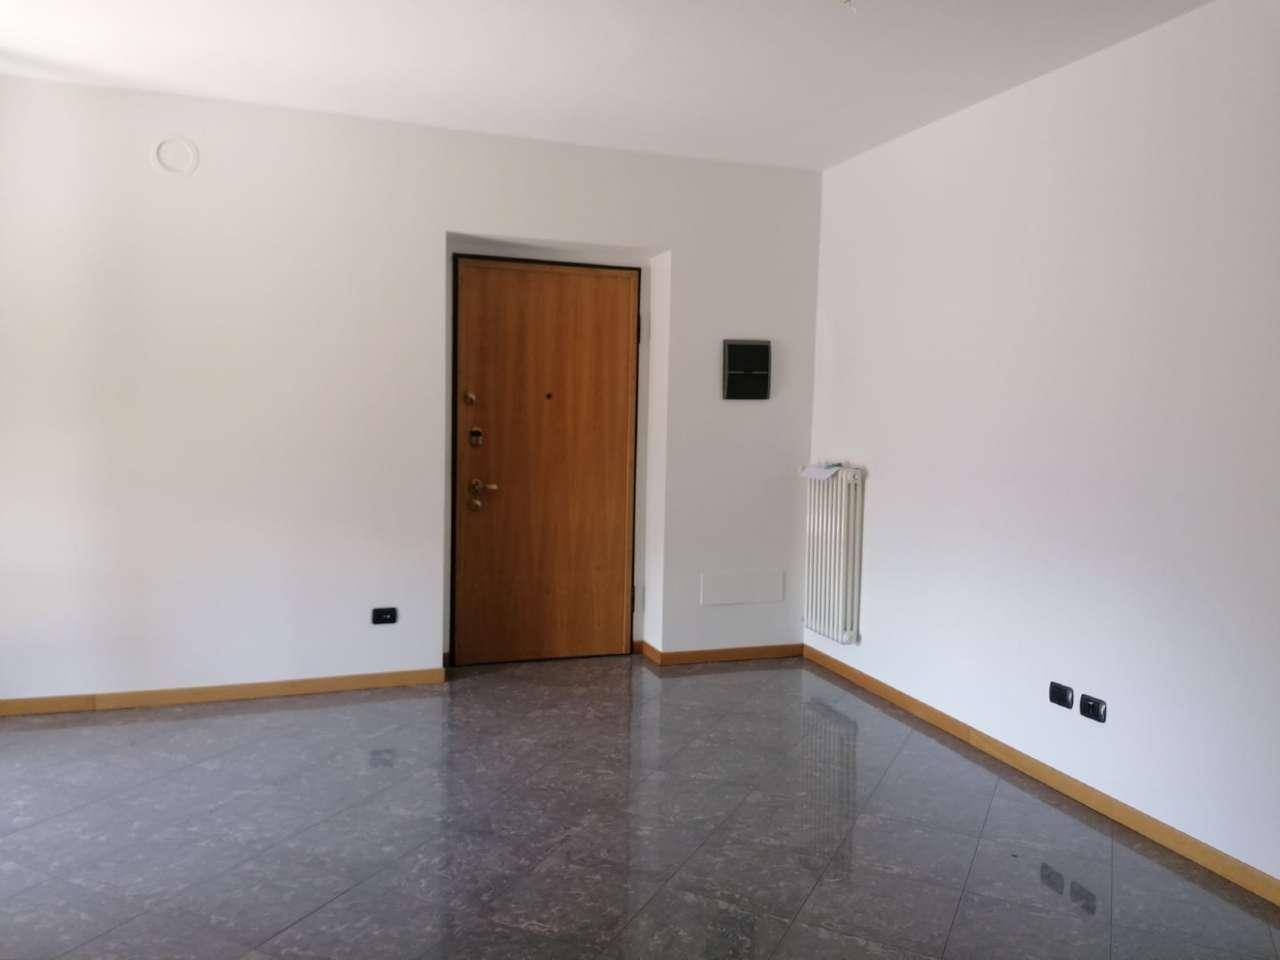 Appartamento in affitto a Sondrio, 4 locali, prezzo € 750 | PortaleAgenzieImmobiliari.it